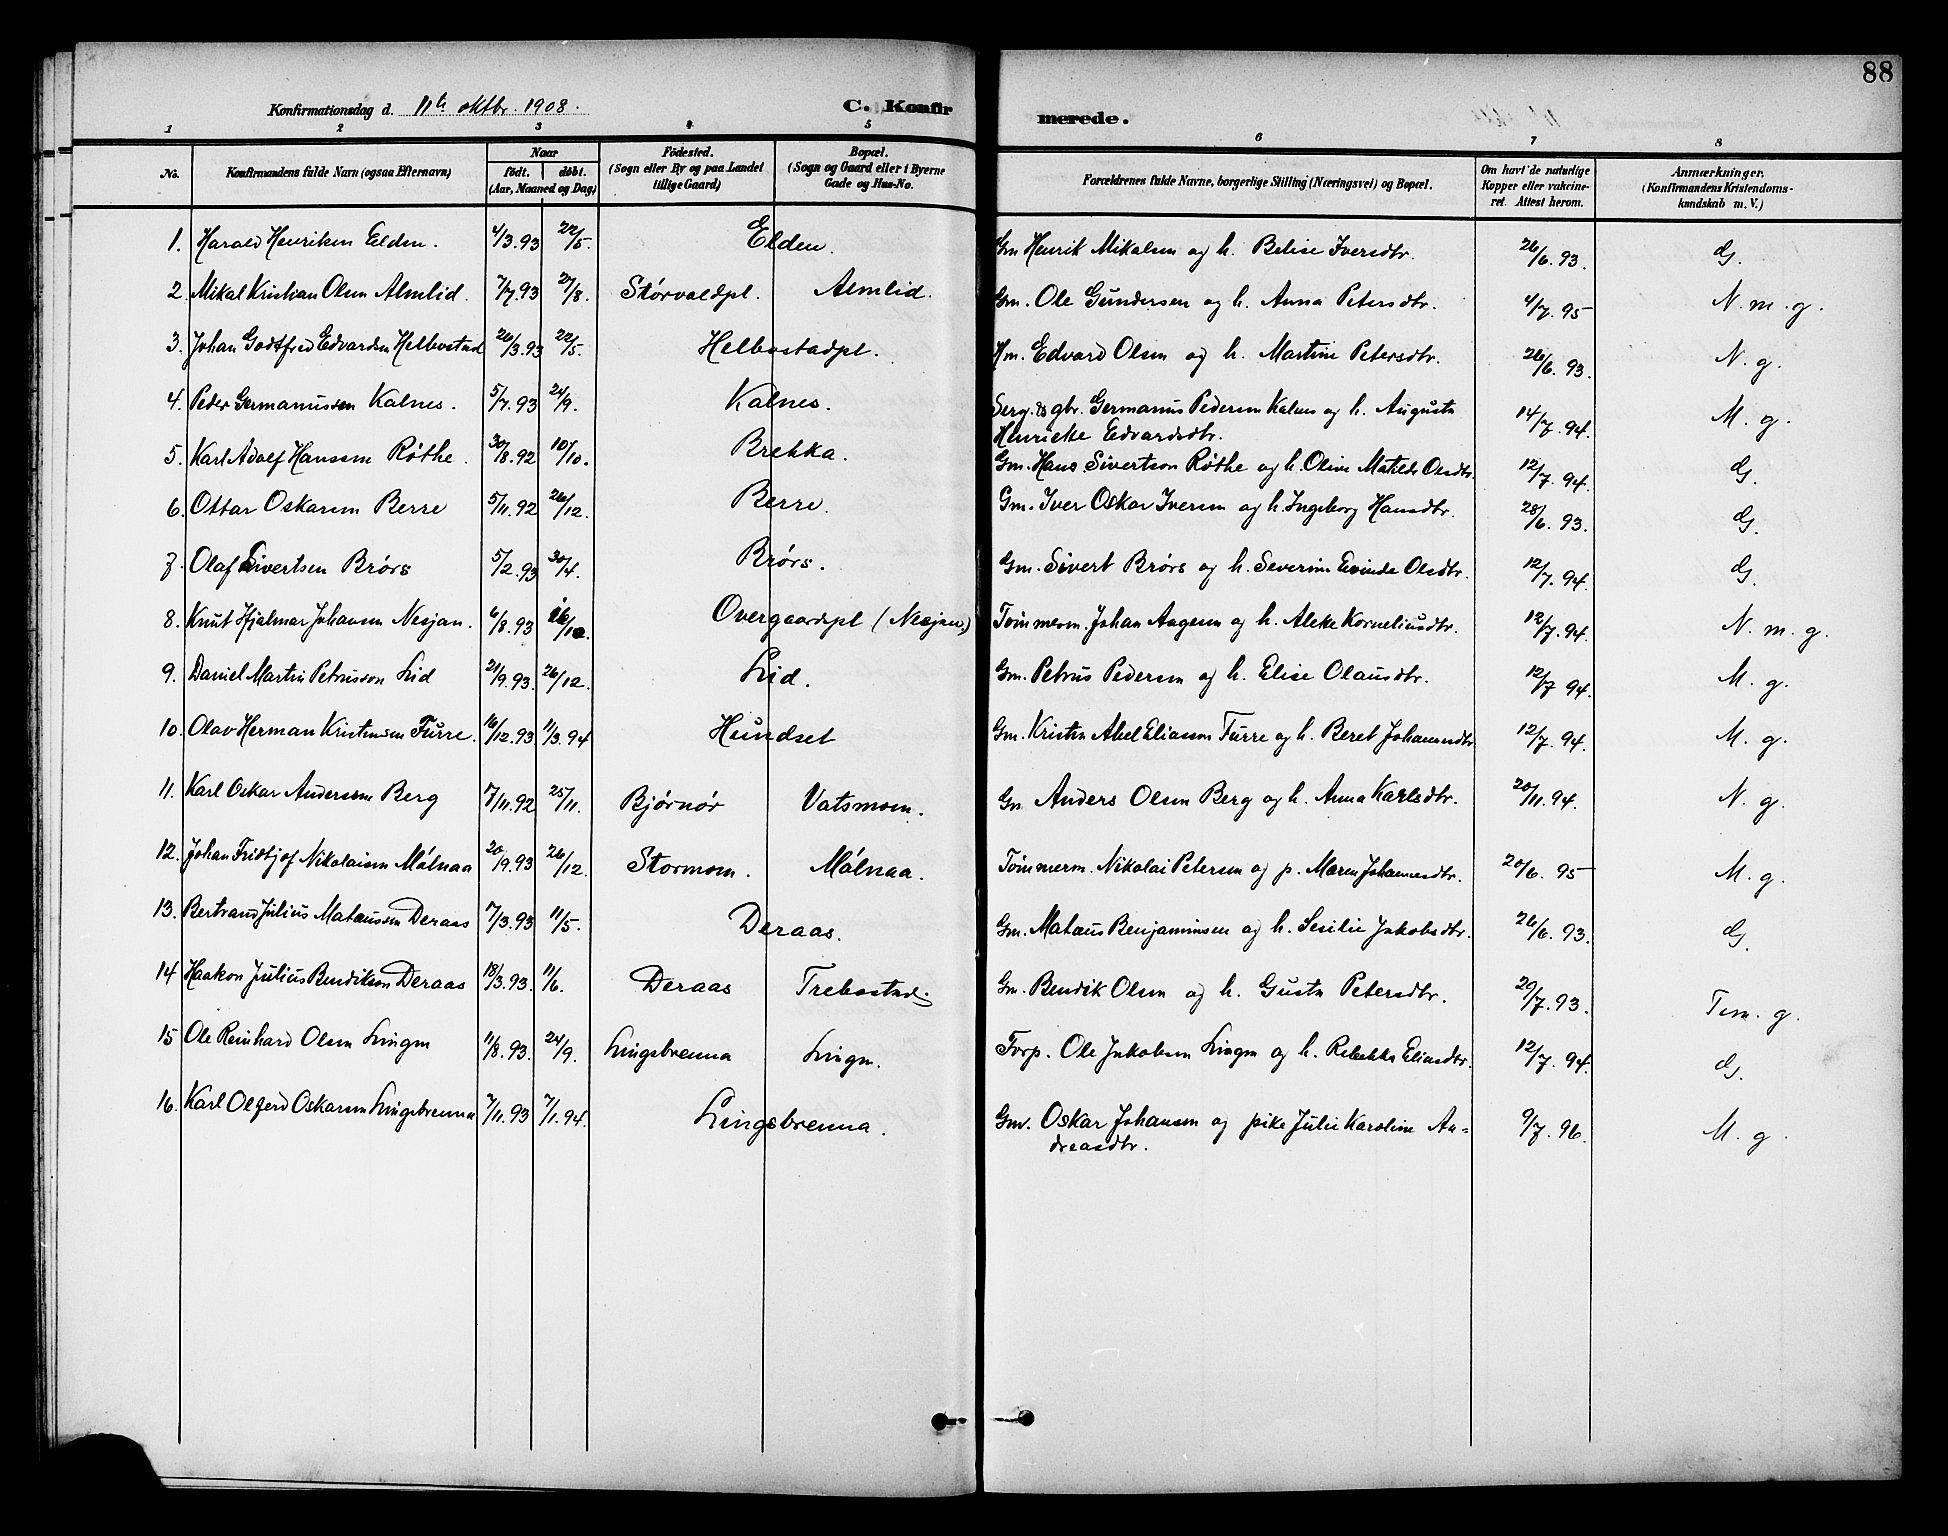 SAT, Ministerialprotokoller, klokkerbøker og fødselsregistre - Nord-Trøndelag, 742/L0412: Klokkerbok nr. 742C03, 1898-1910, s. 88